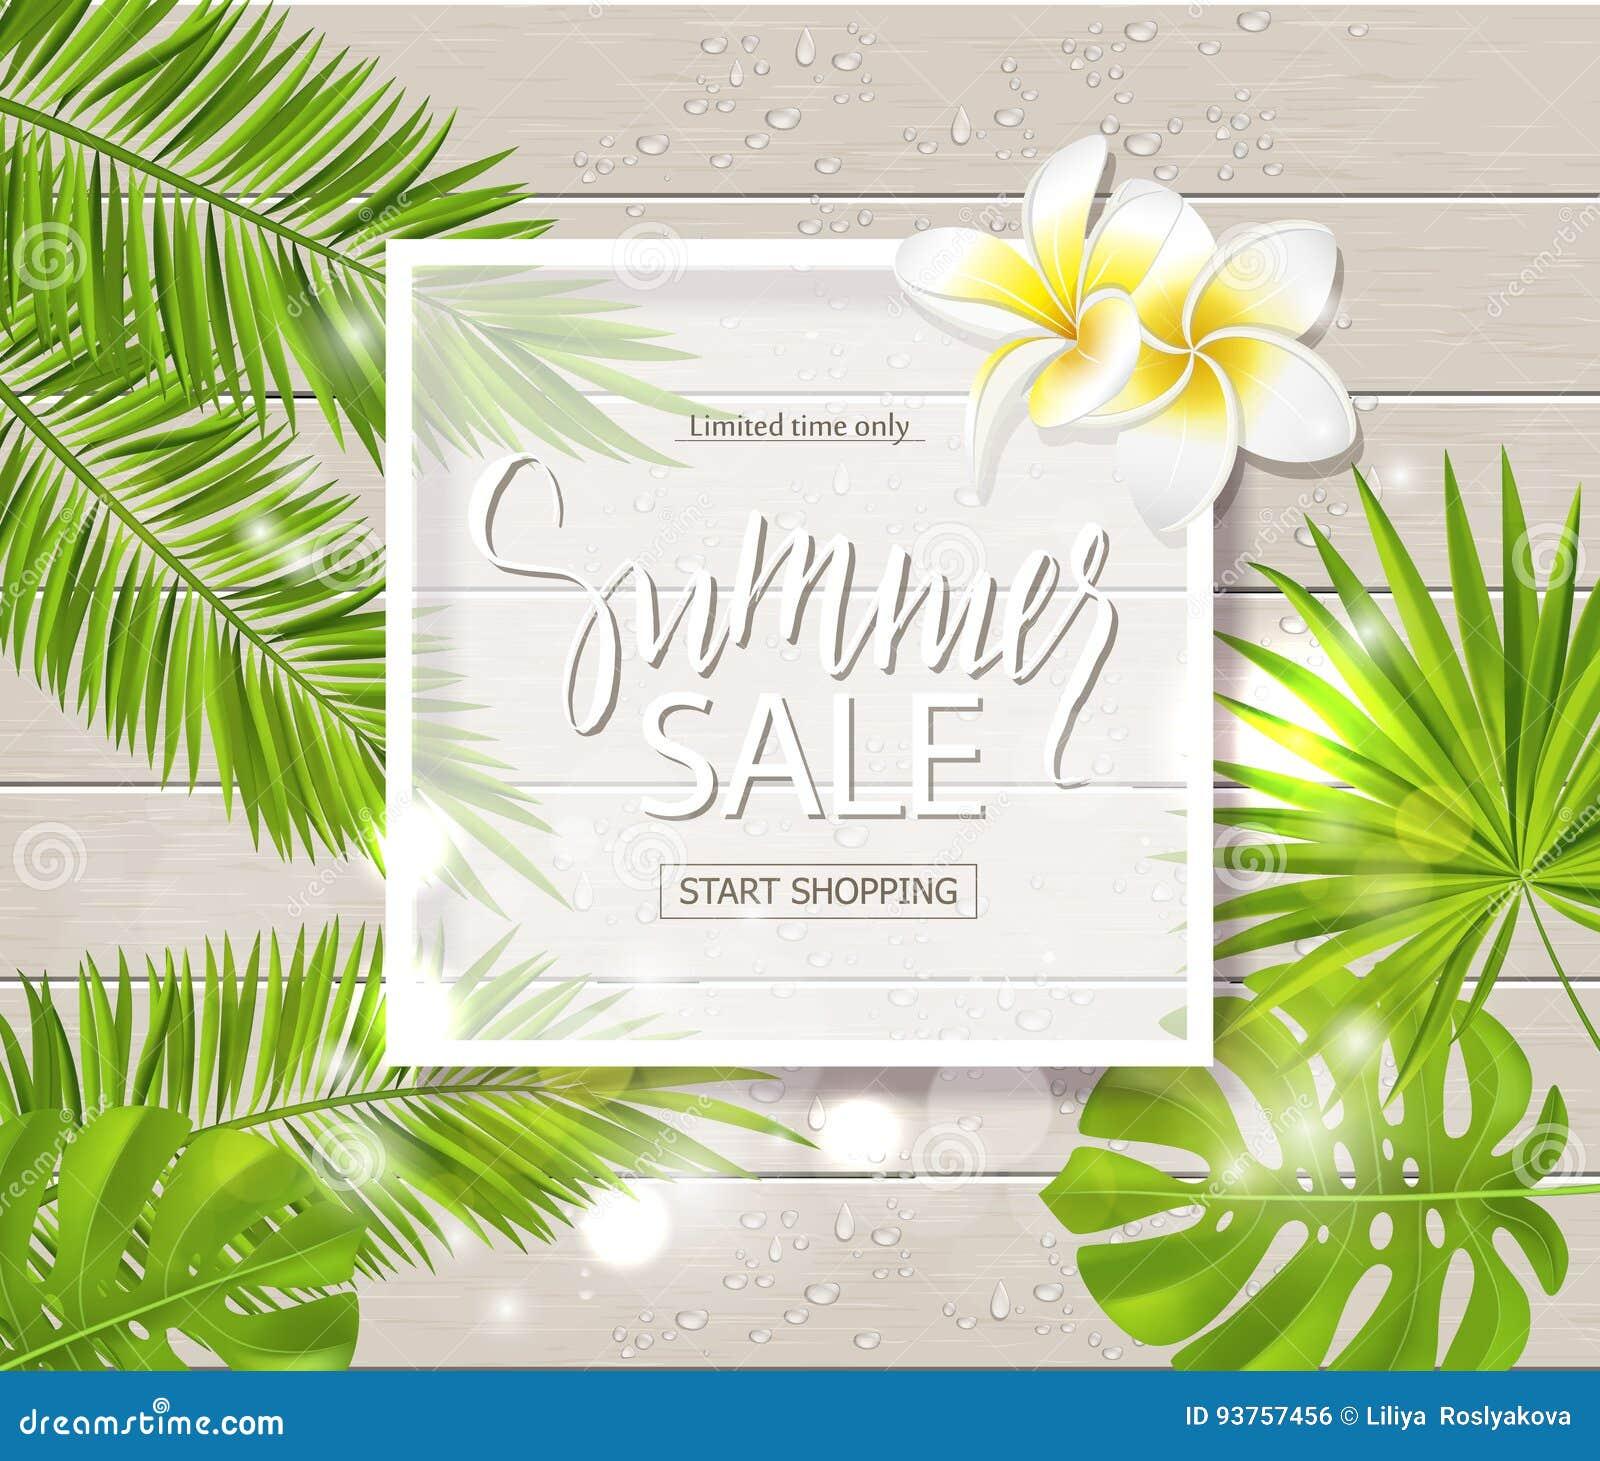 Lato Sprzedaży Sztandar Plakat Z Tropikalnymi Kwiatami